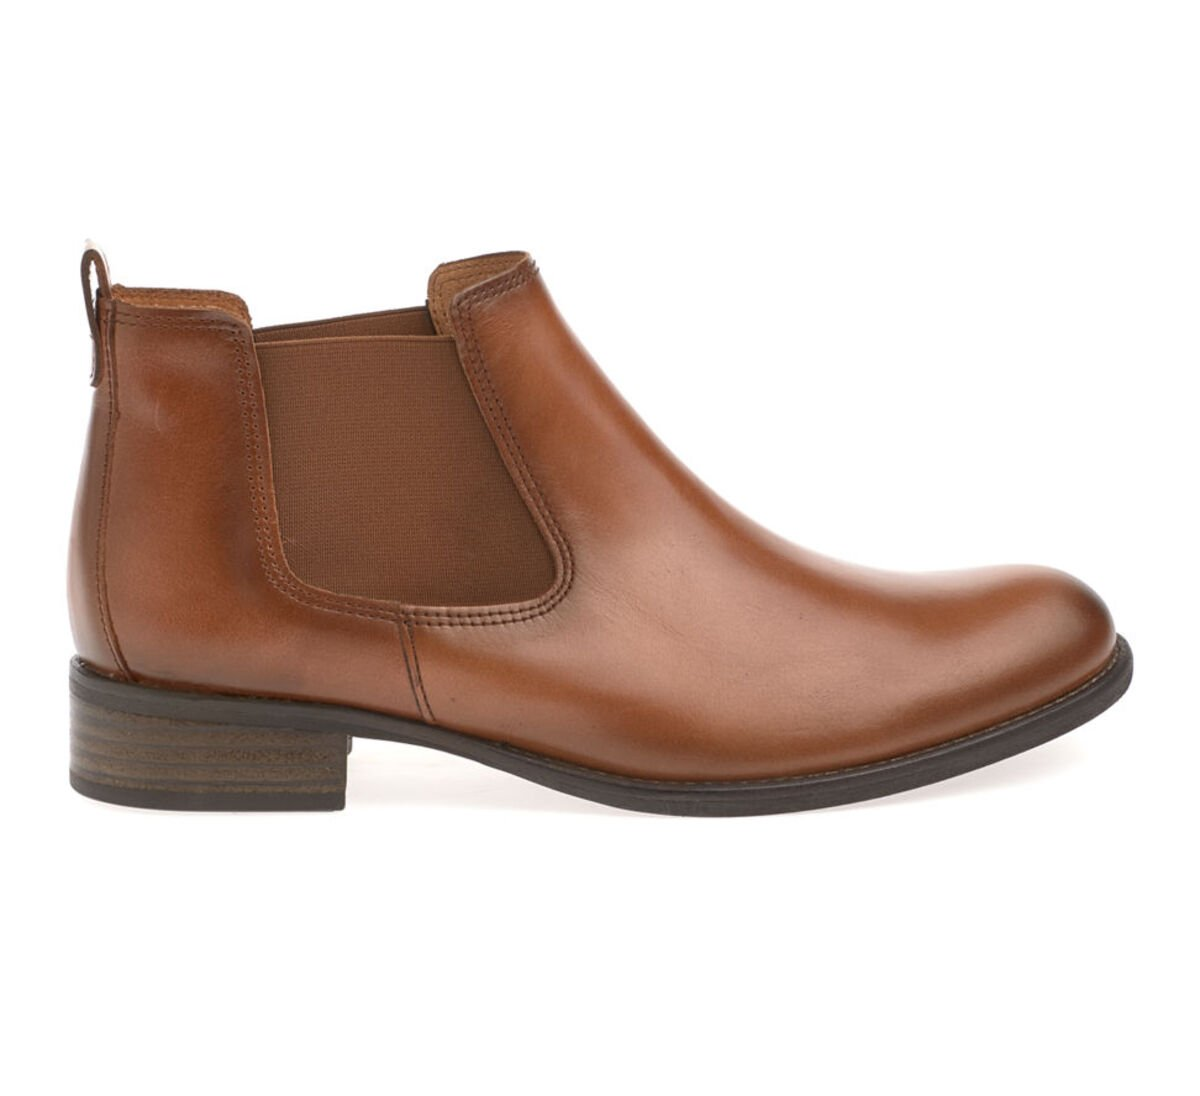 Bild 3 von Gabor Chelsea-Boots